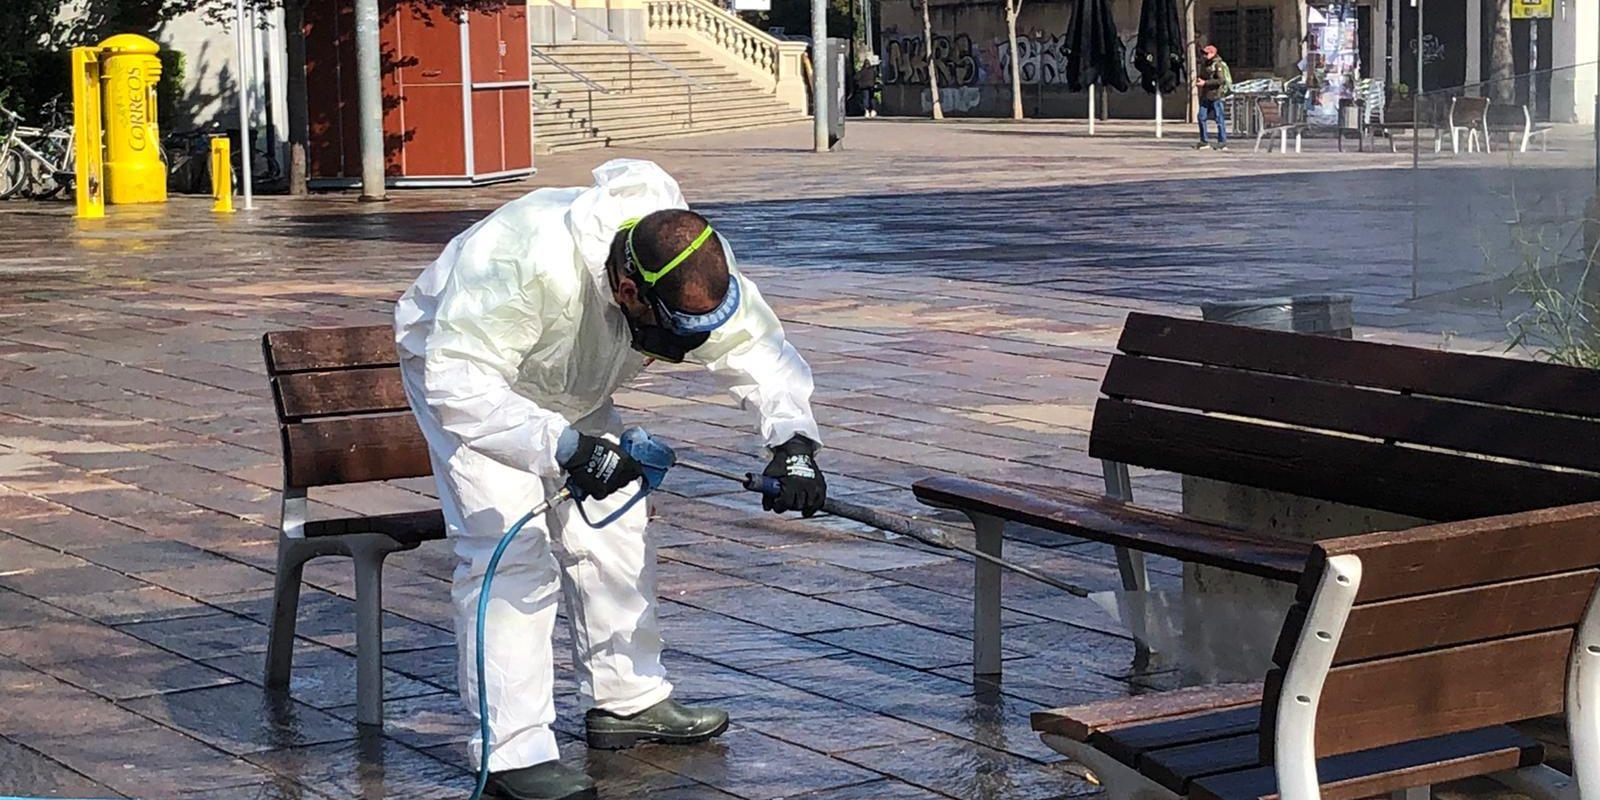 Desinfecció dels carrers de Sant Cugat en el primer tram de la pandèmia. FOTO: Bernat Millet